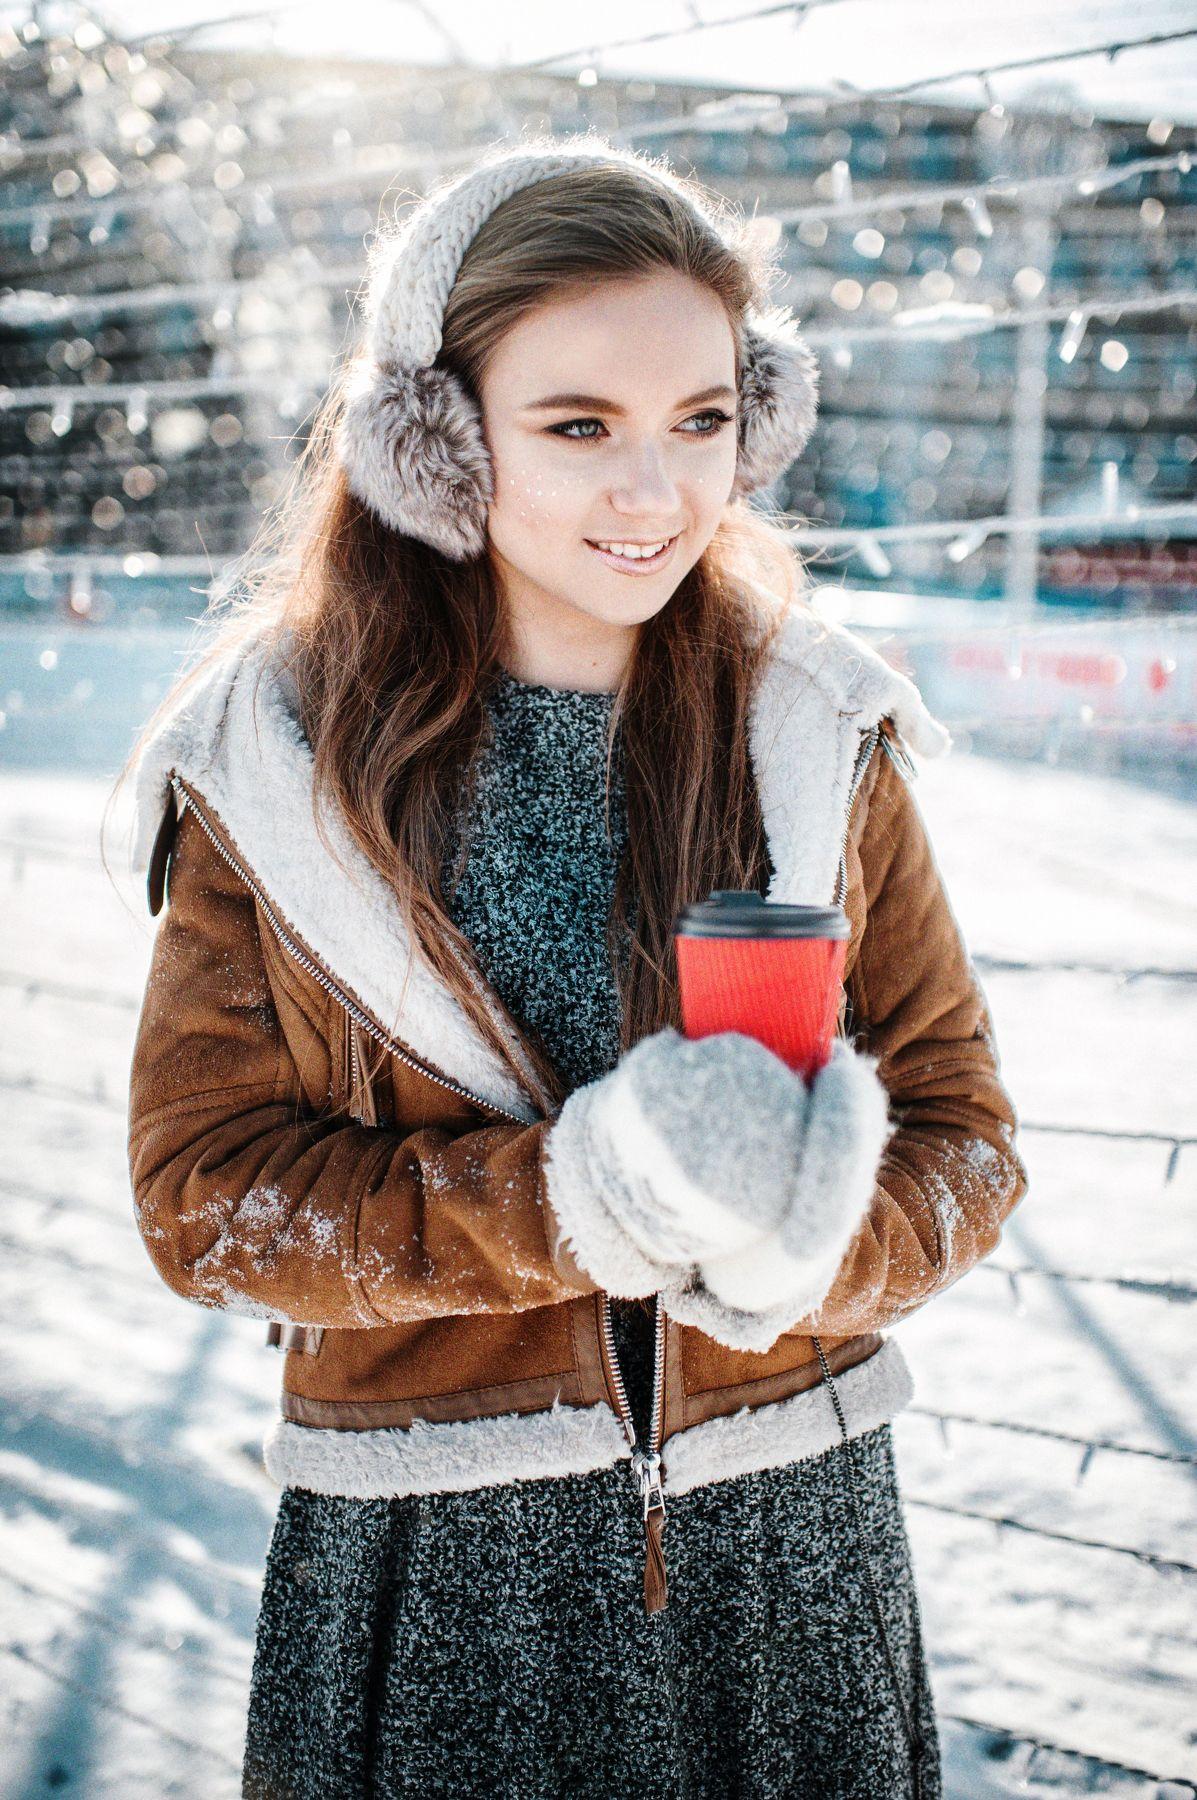 Olga Snow